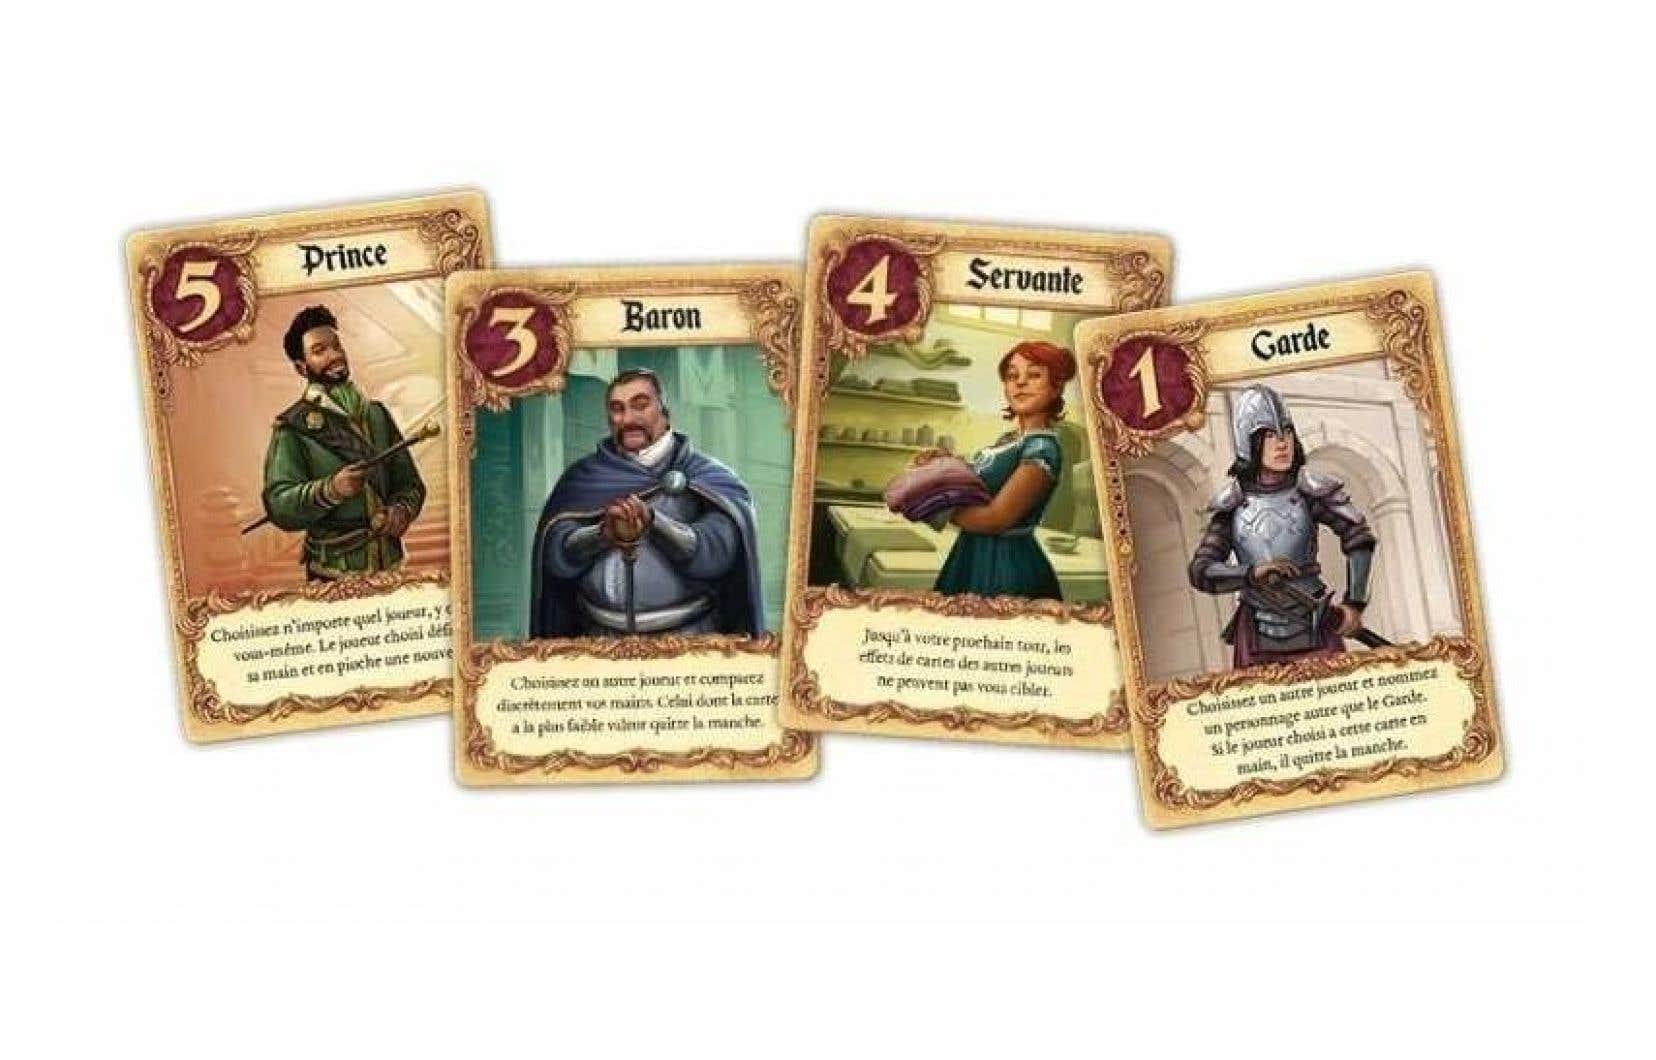 Prince, comtesse, servante, soldat… Chaque carte dispose d'une valeur et d'un pouvoir spécial quand on la joue.